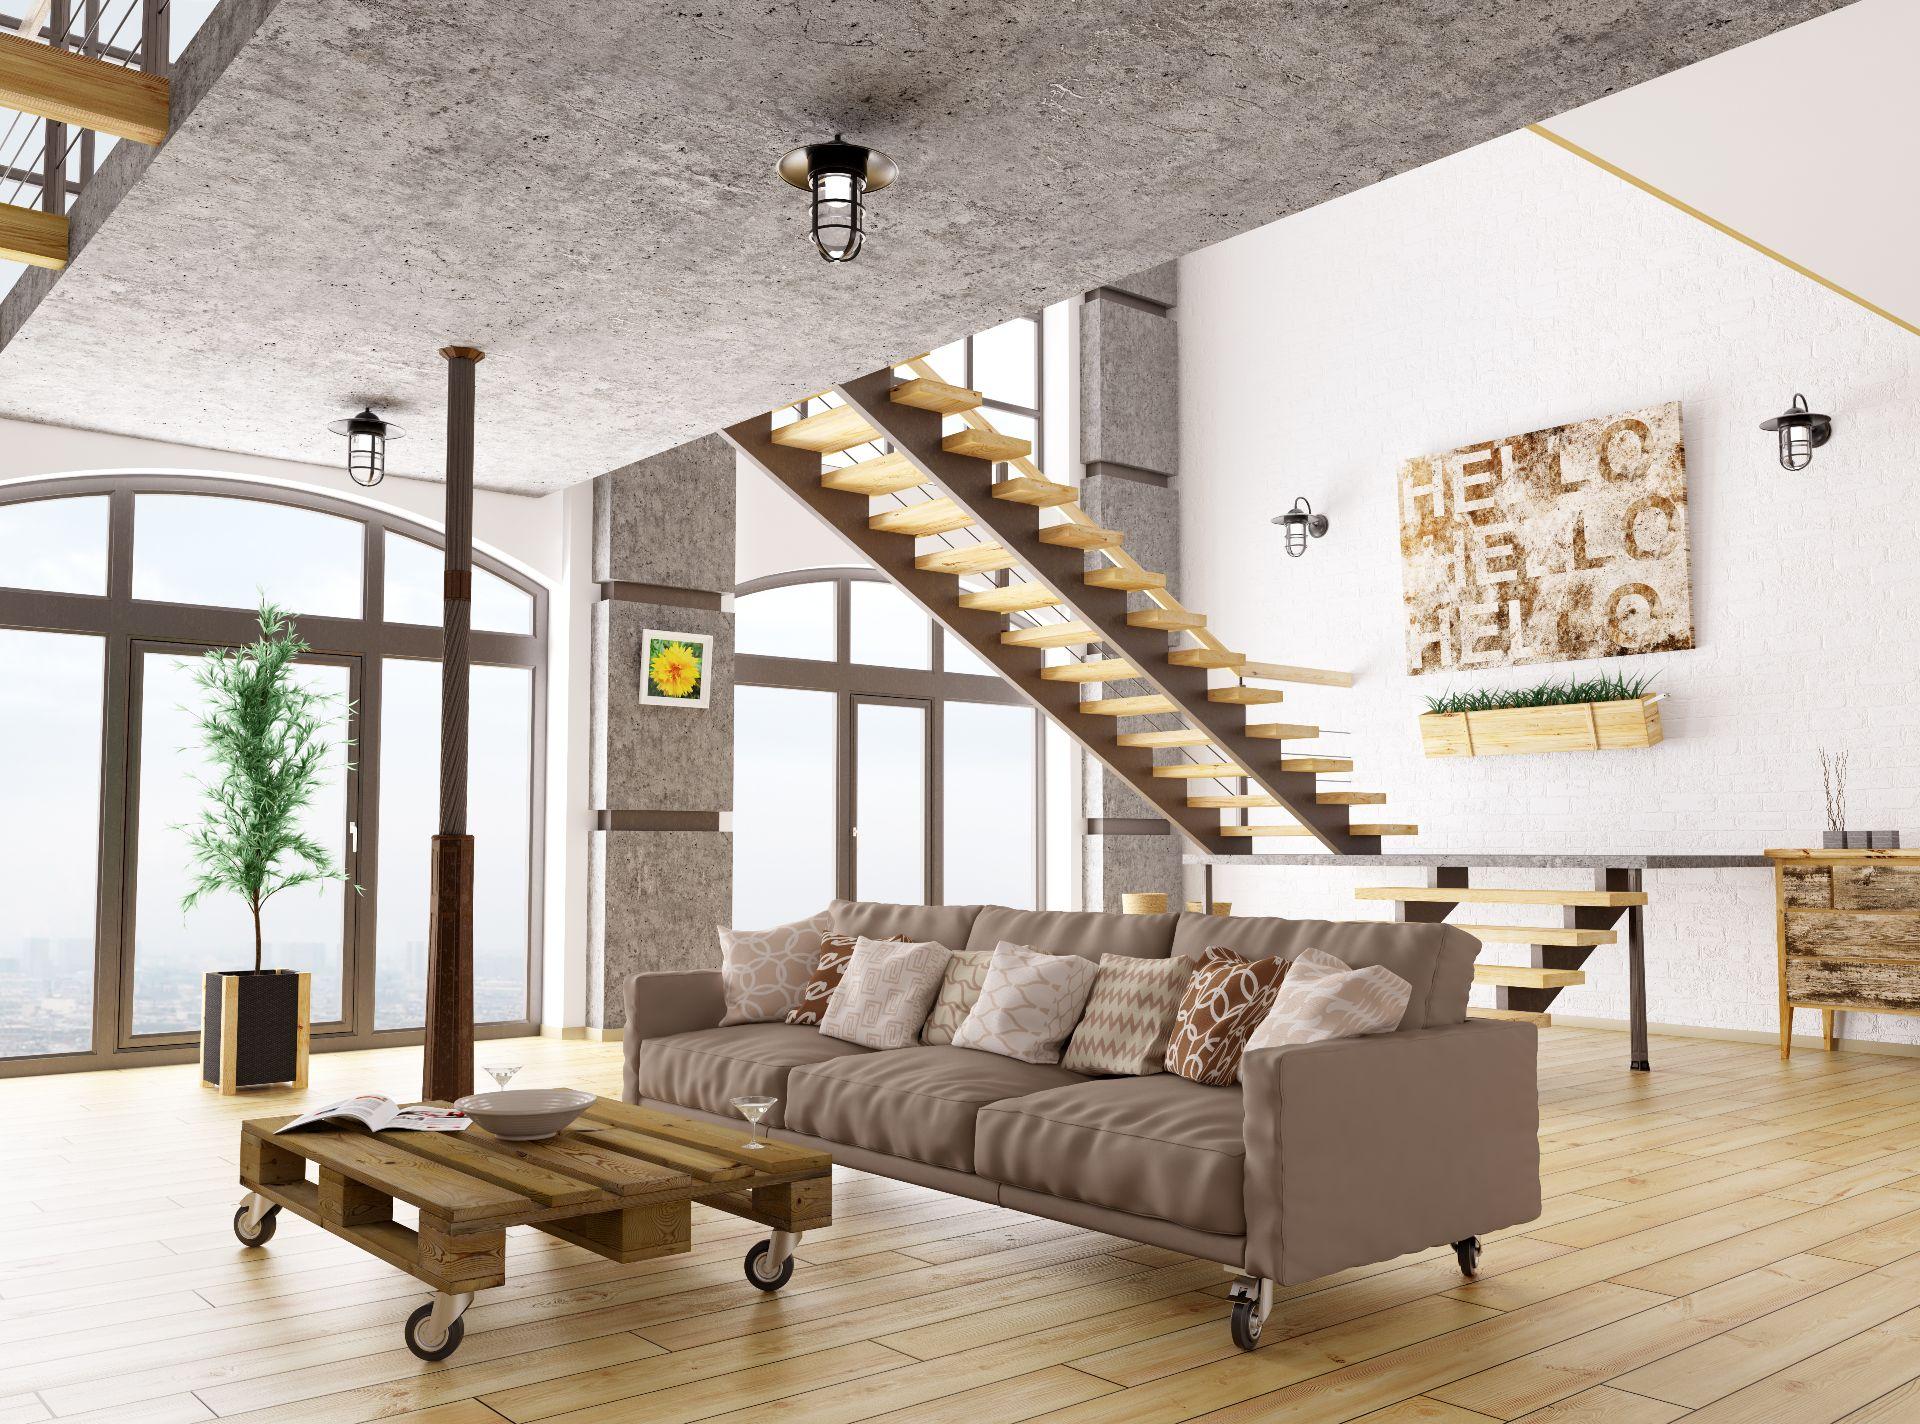 עיצוב תאורה בתקרה גבוהה